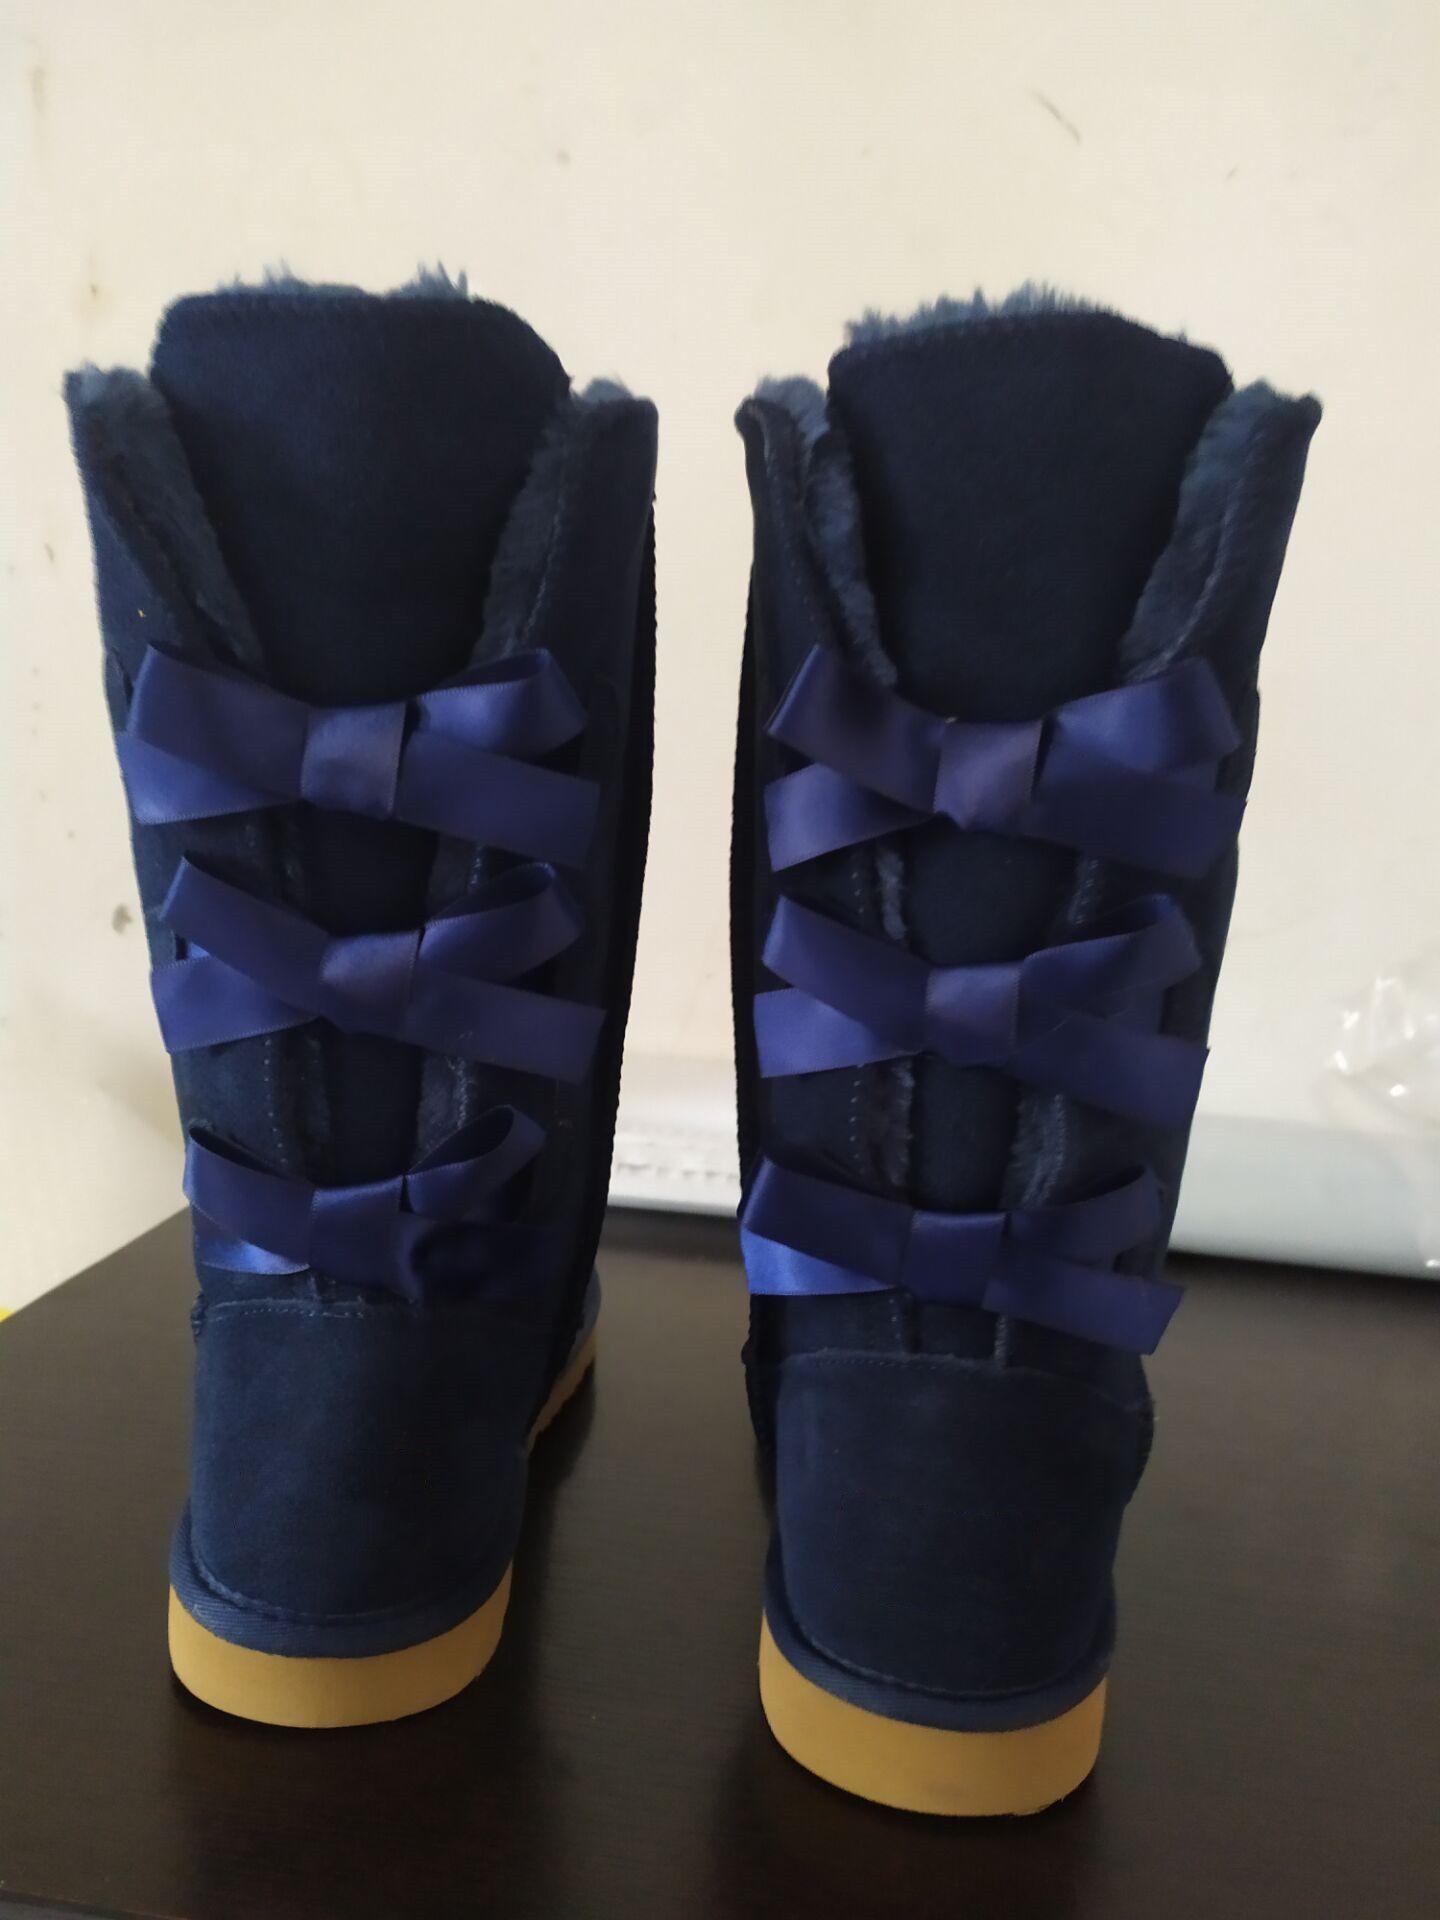 High Mujeres Kids Fashion Boots NUEVO Botas de rodilla Half Boot Tobillo Vaca Split Dividir Mujeres Niños Bailey Bow Snow Boot Shoes